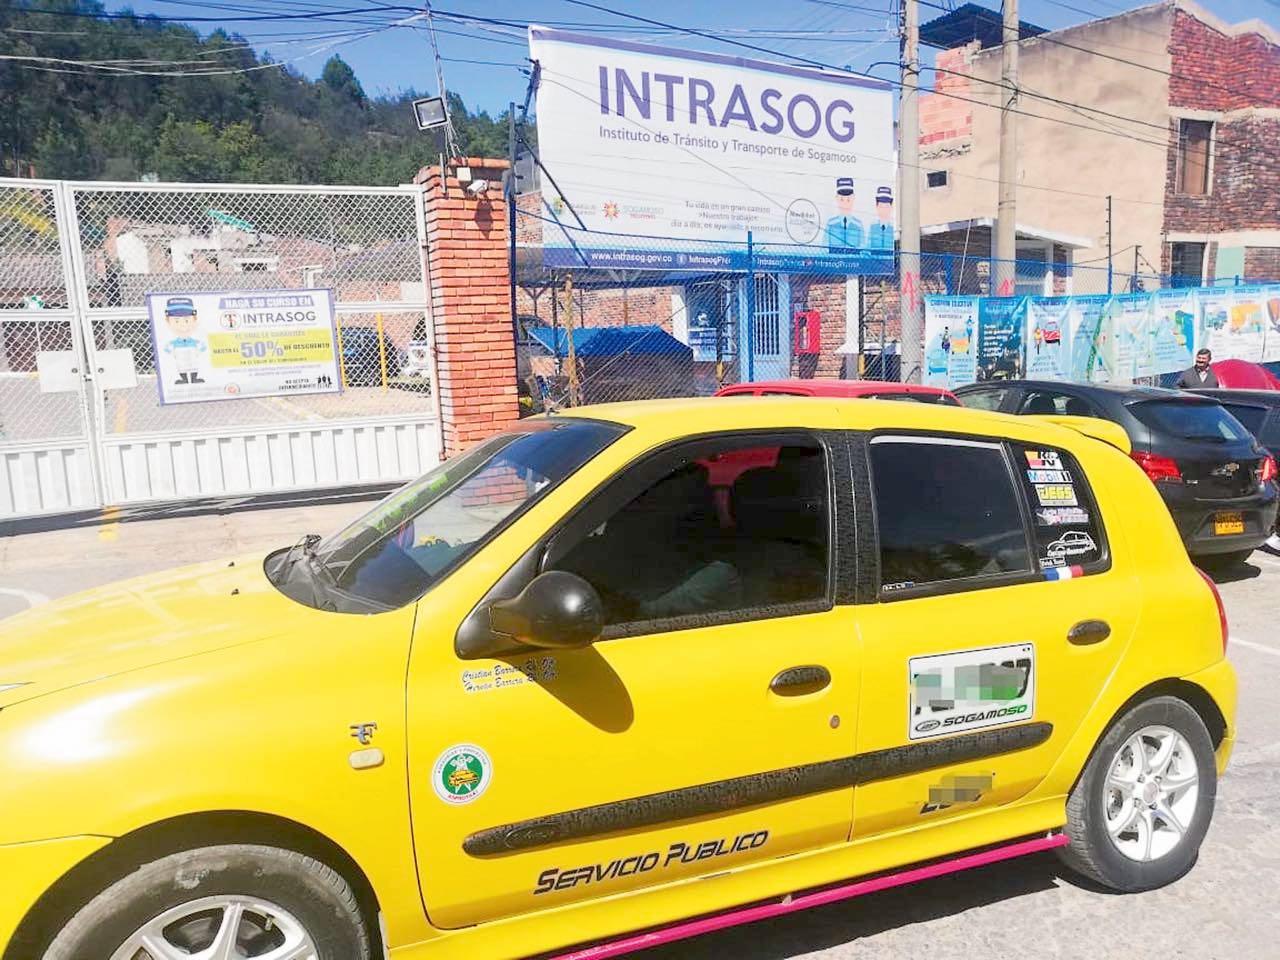 Con la bonificación, el usuario pagaría por una carrera de taxi 5.100 pesos, día, y 5.400 pesos, noche.